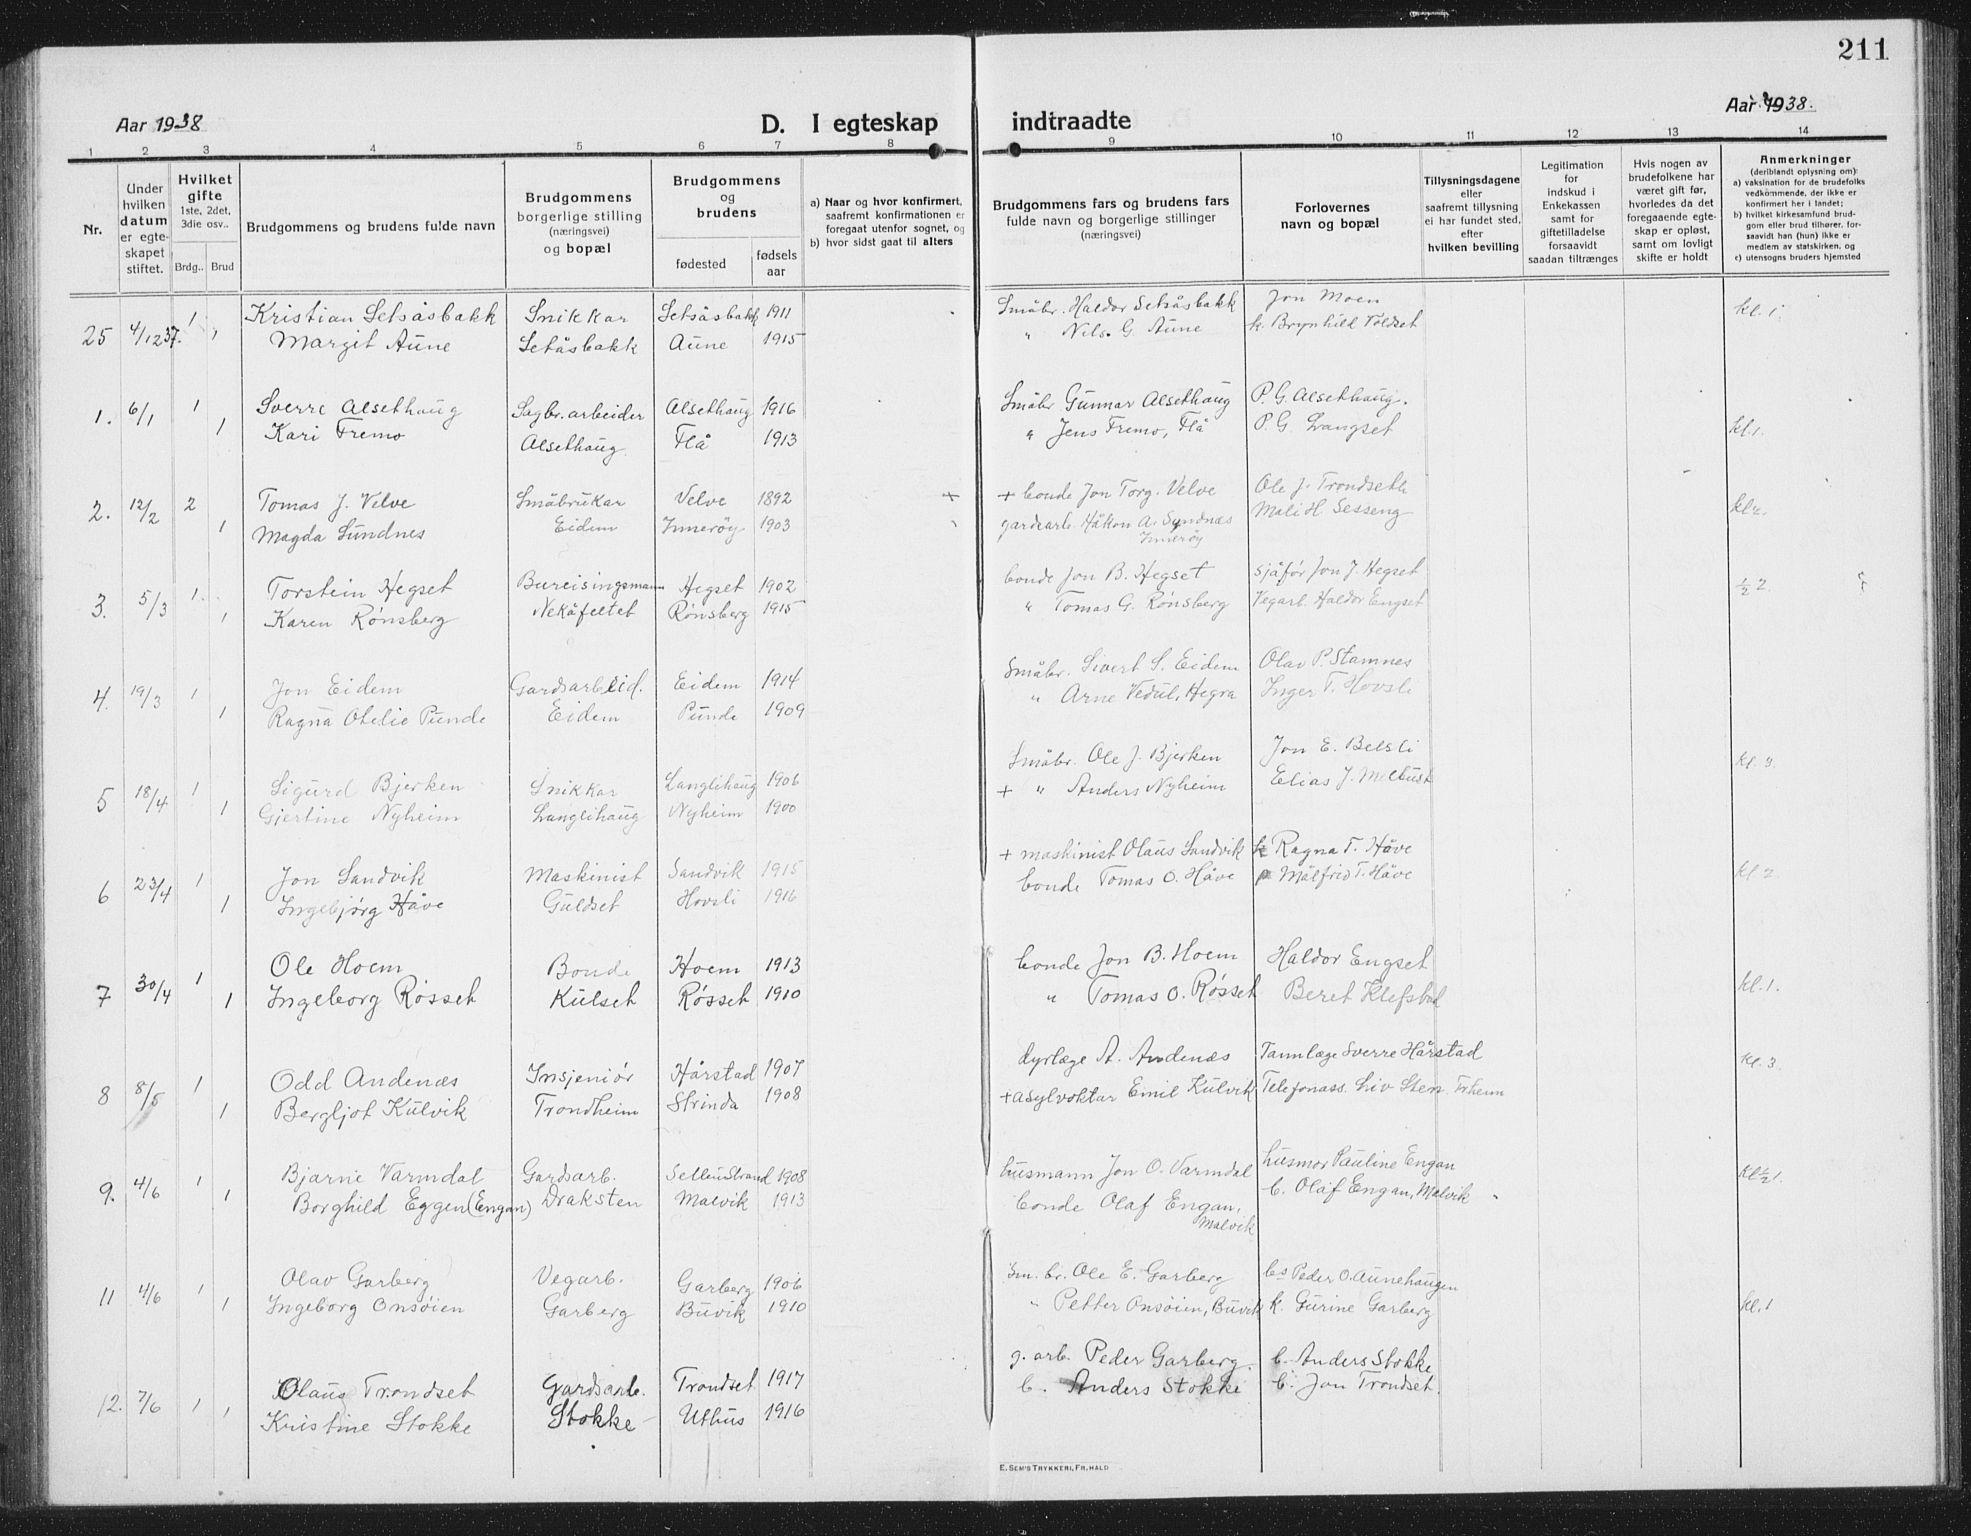 SAT, Ministerialprotokoller, klokkerbøker og fødselsregistre - Sør-Trøndelag, 695/L1158: Klokkerbok nr. 695C09, 1913-1940, s. 211